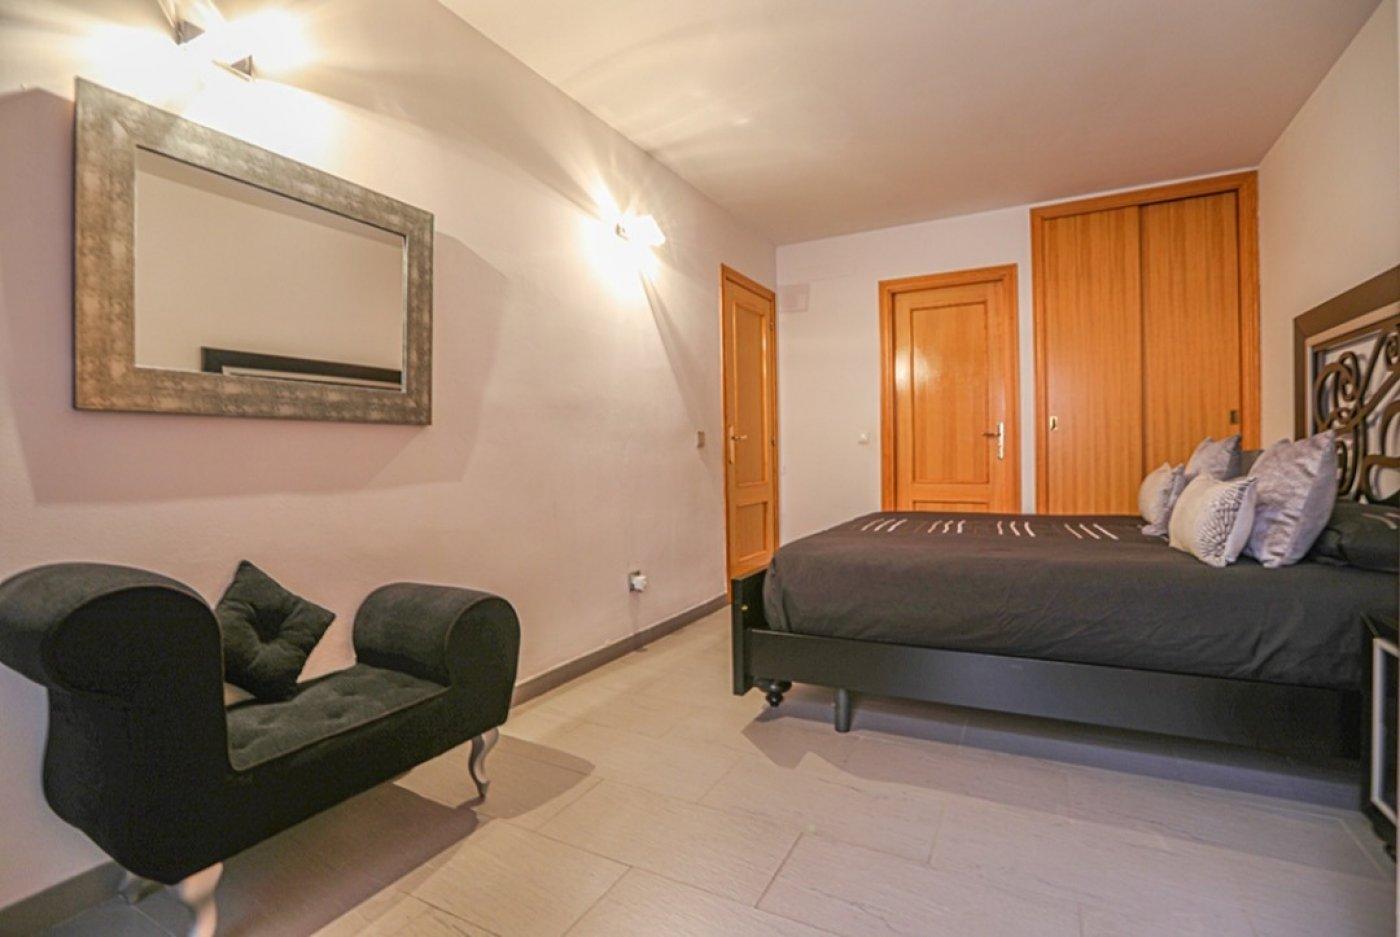 Se vende bonito apartamento semi nuevo con parking en andratx - imagenInmueble29